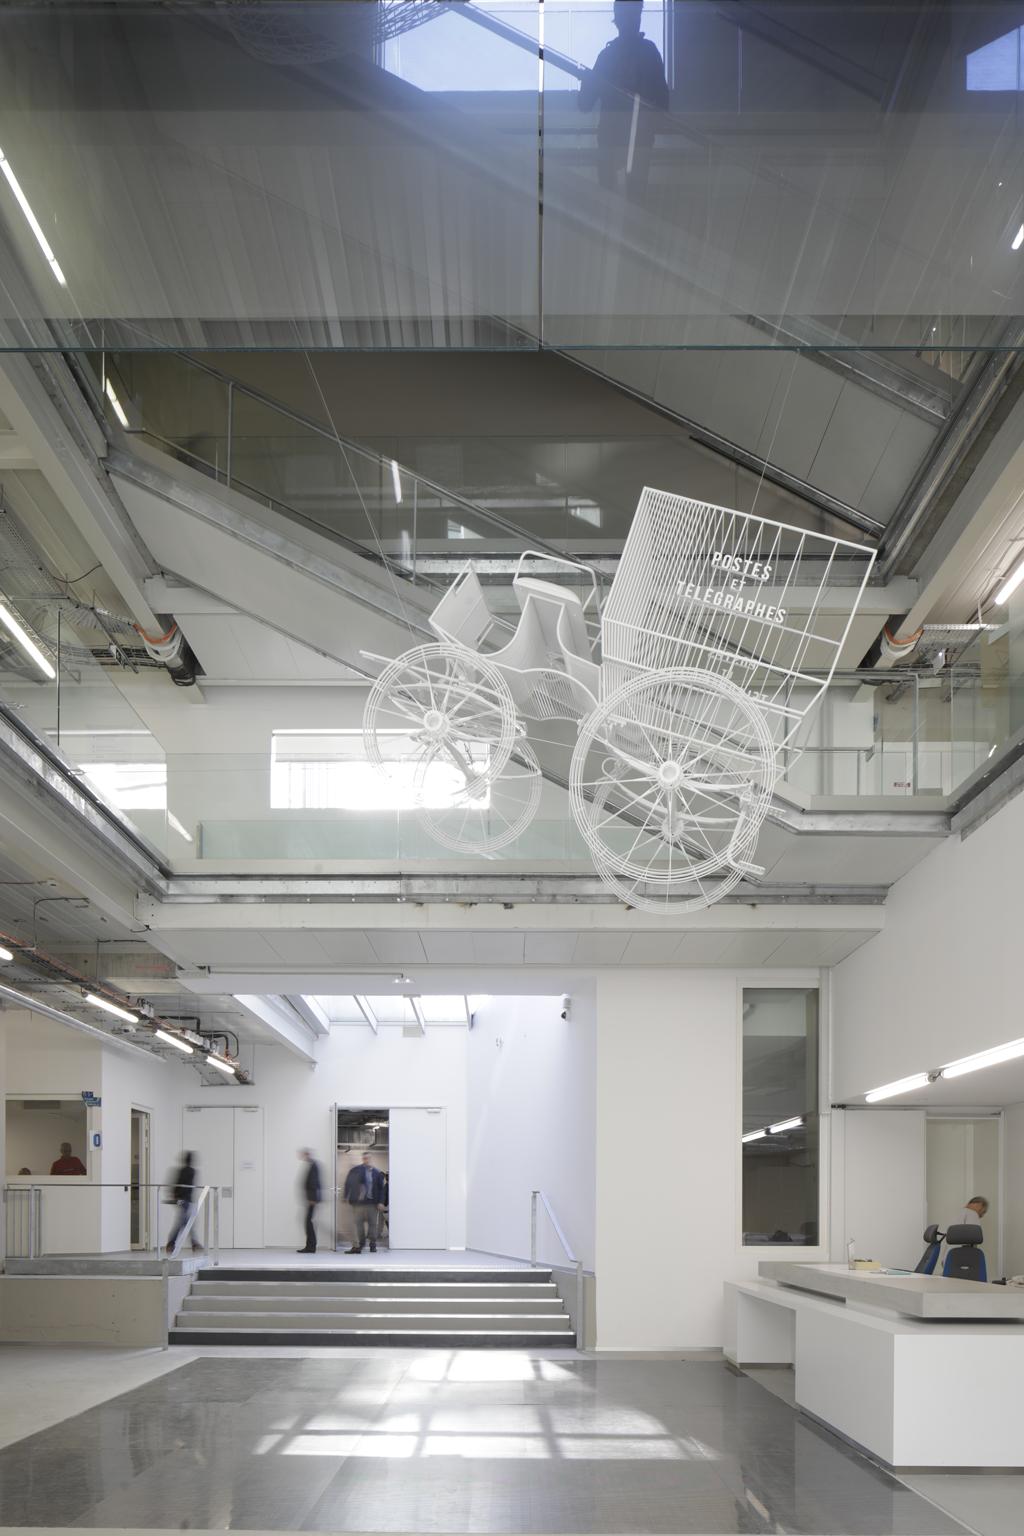 Musée de la Poste, Paris, 2019. © Hervé Abbadie